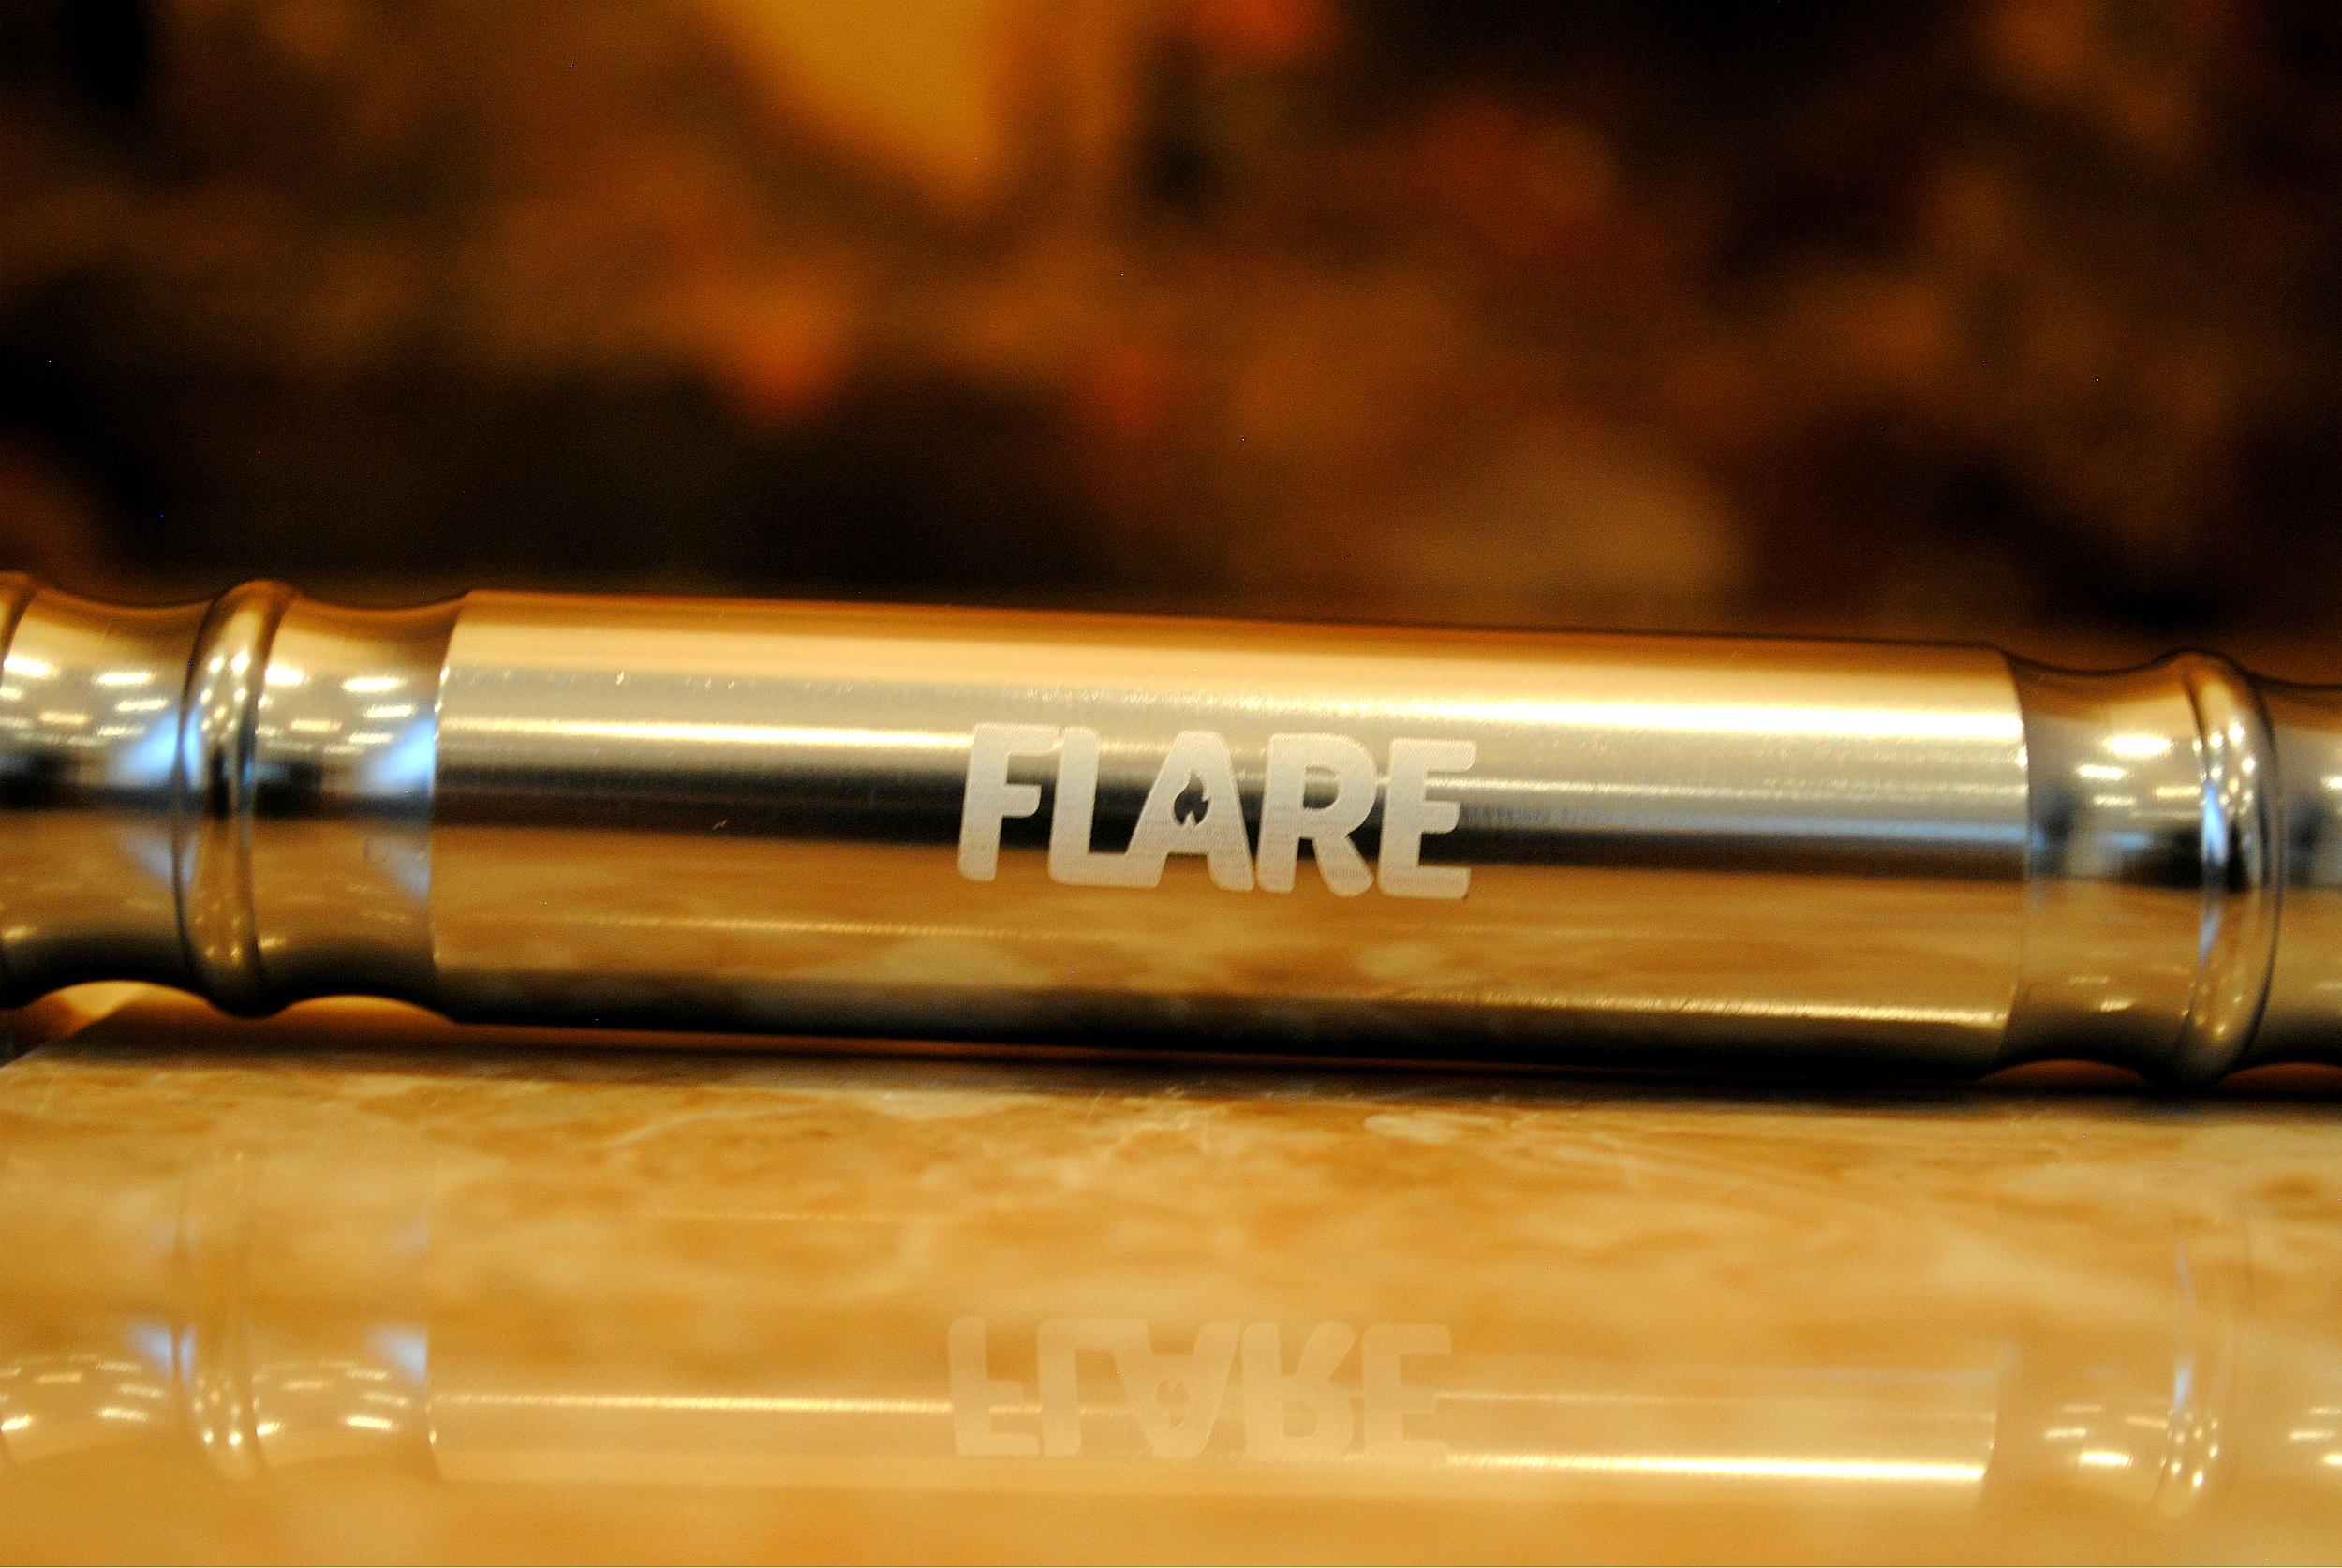 Flare Shisha Aura Hose 1.jpg